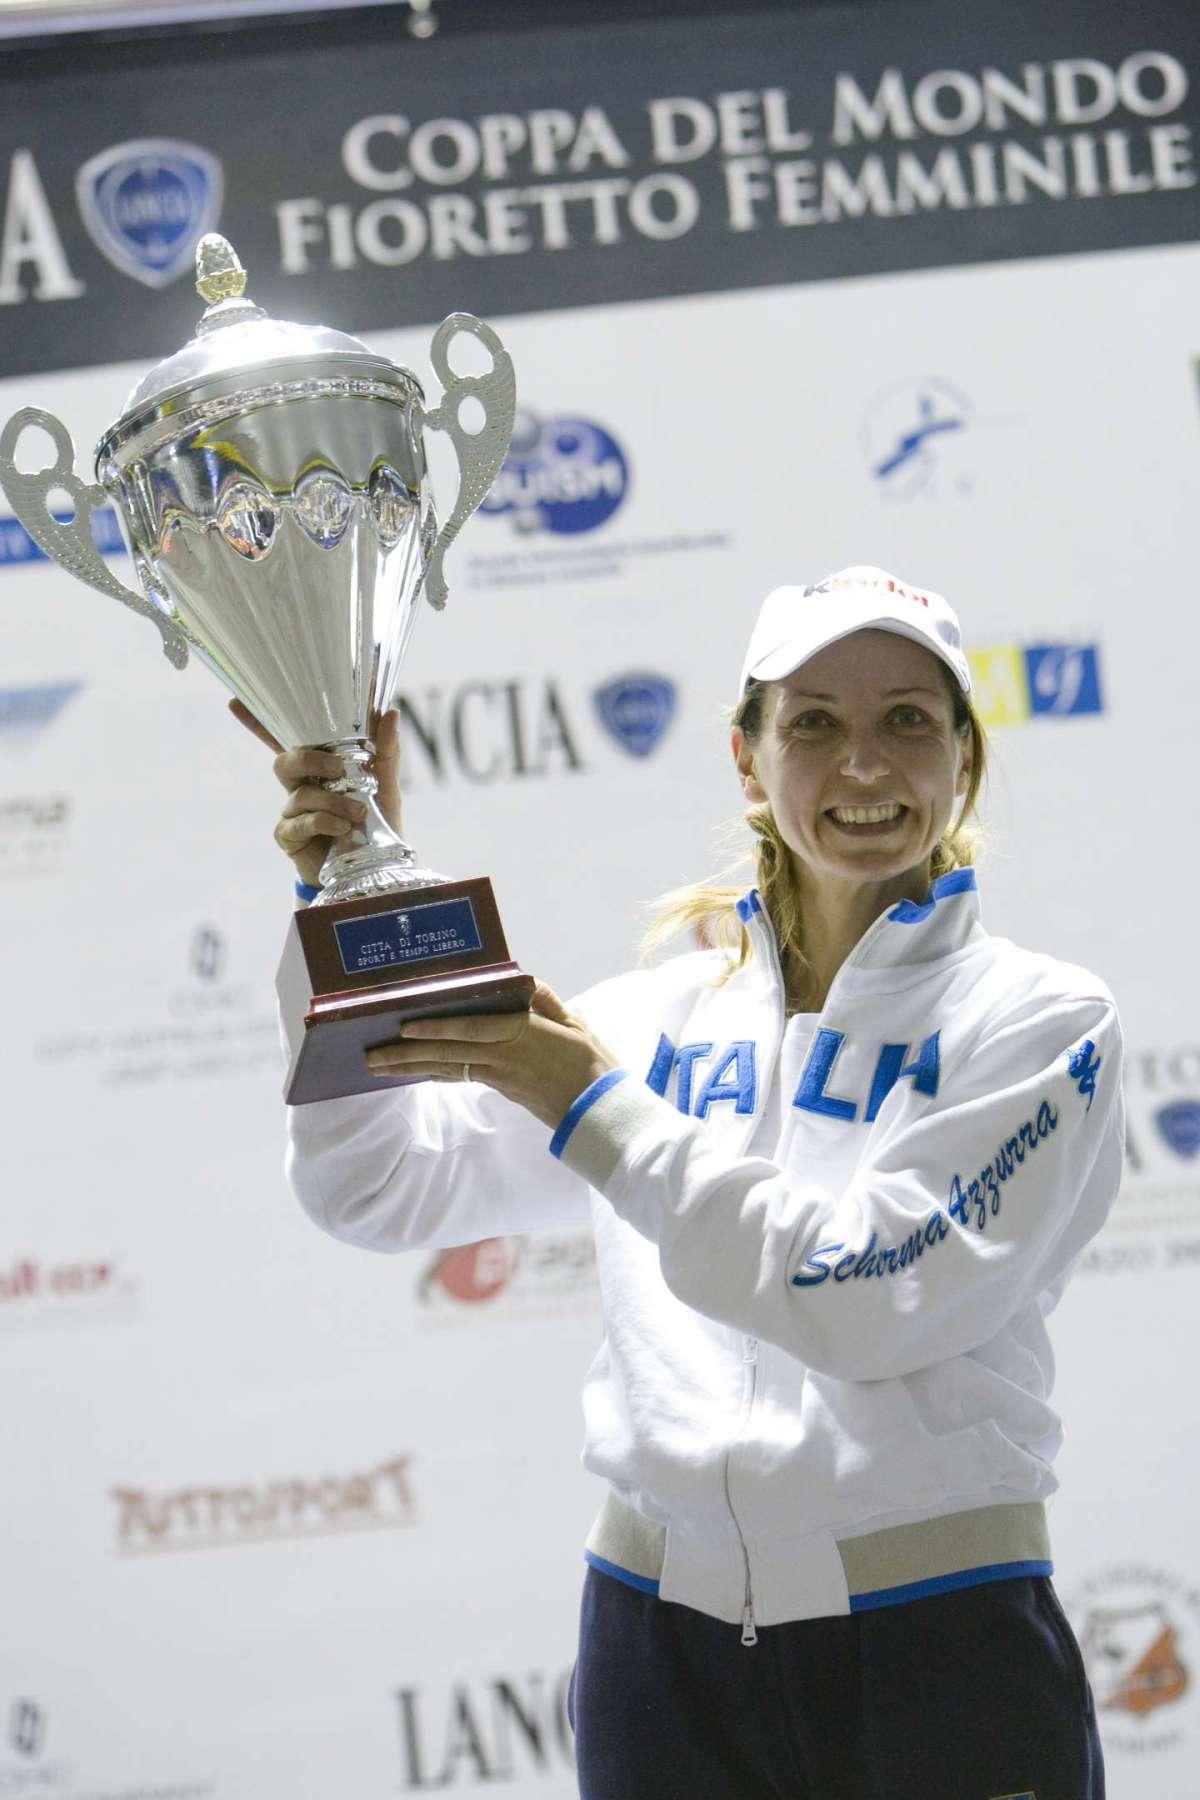 Il trionfo alla Coppa del Mondo di Scherma Fioretto Femminile 2009